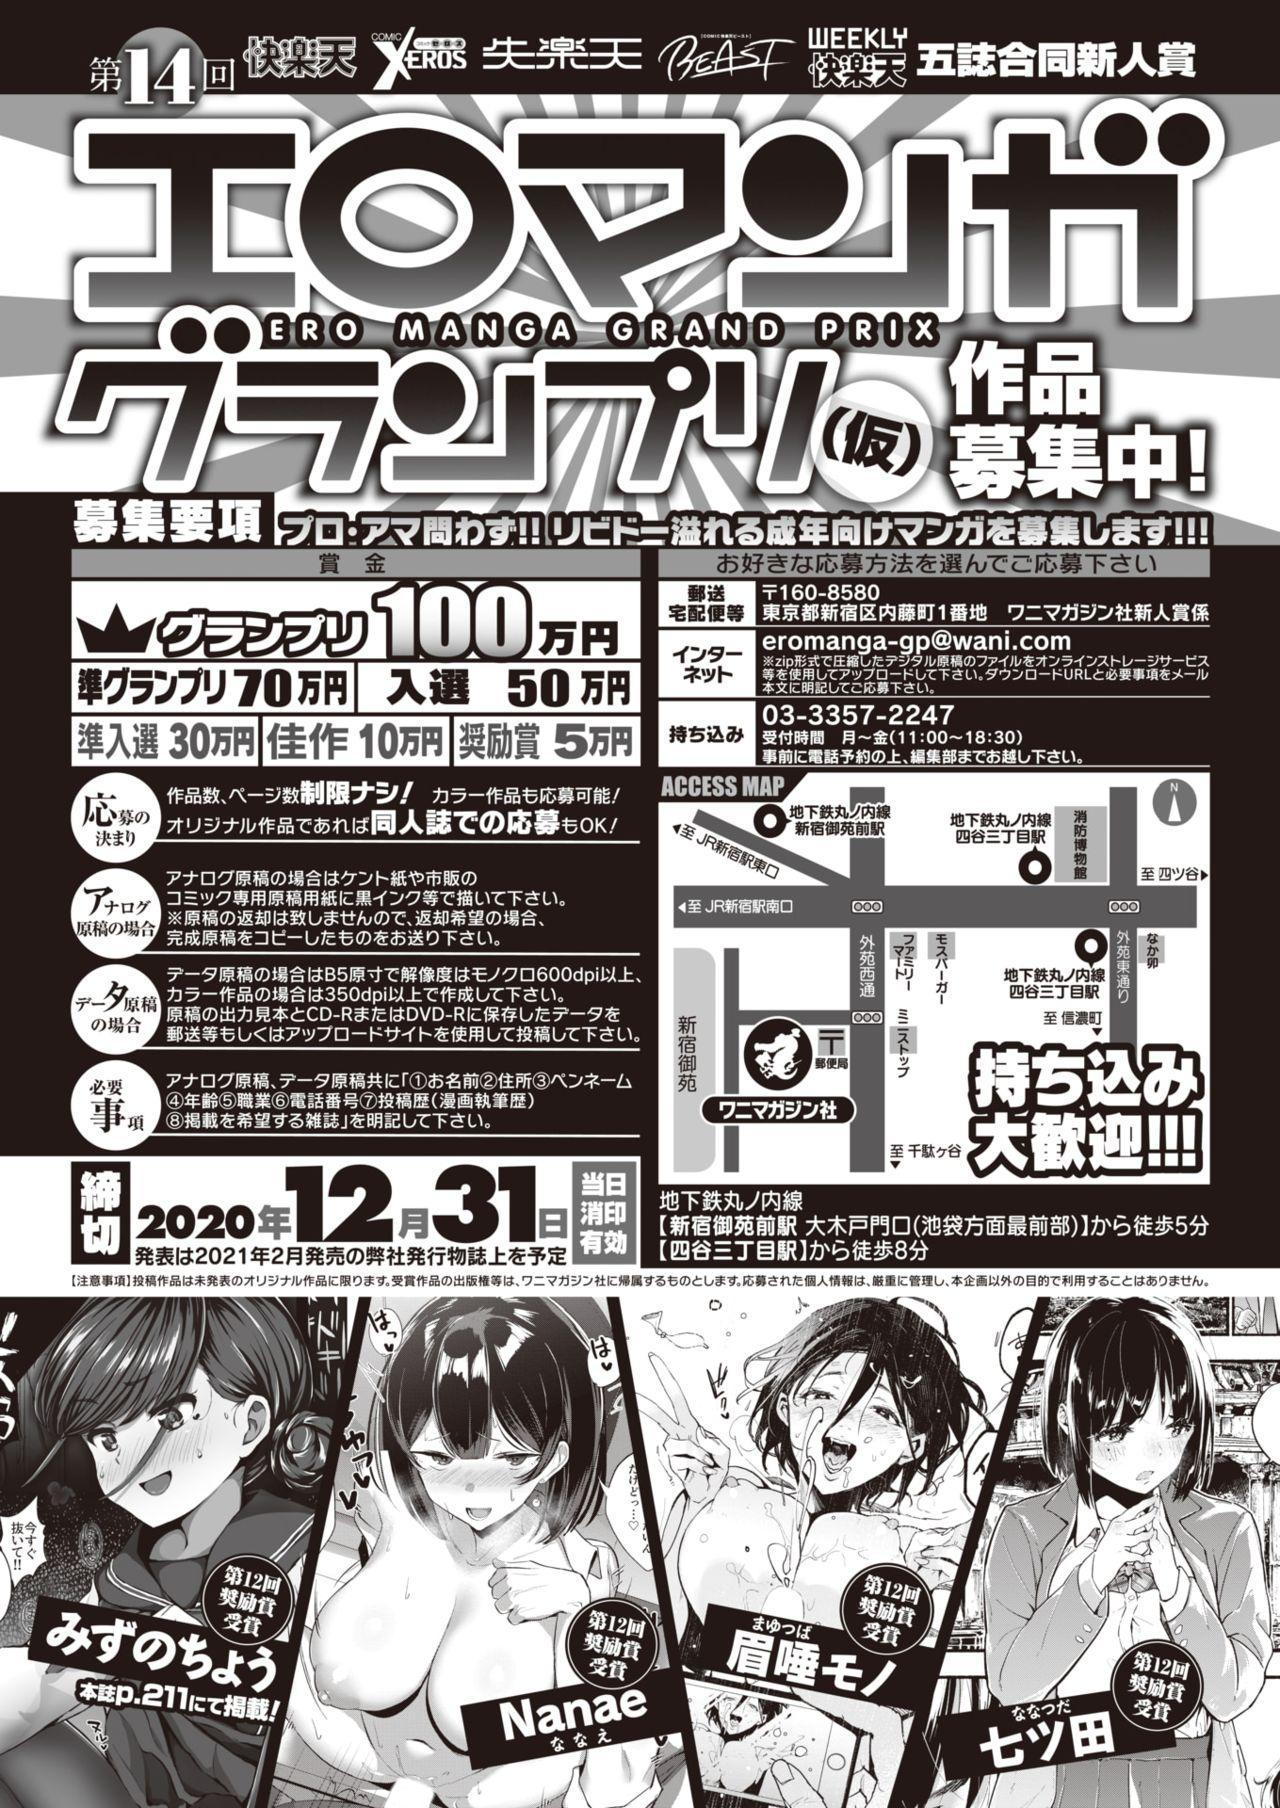 COMIC Kairakuten BEAST 2020-11 272